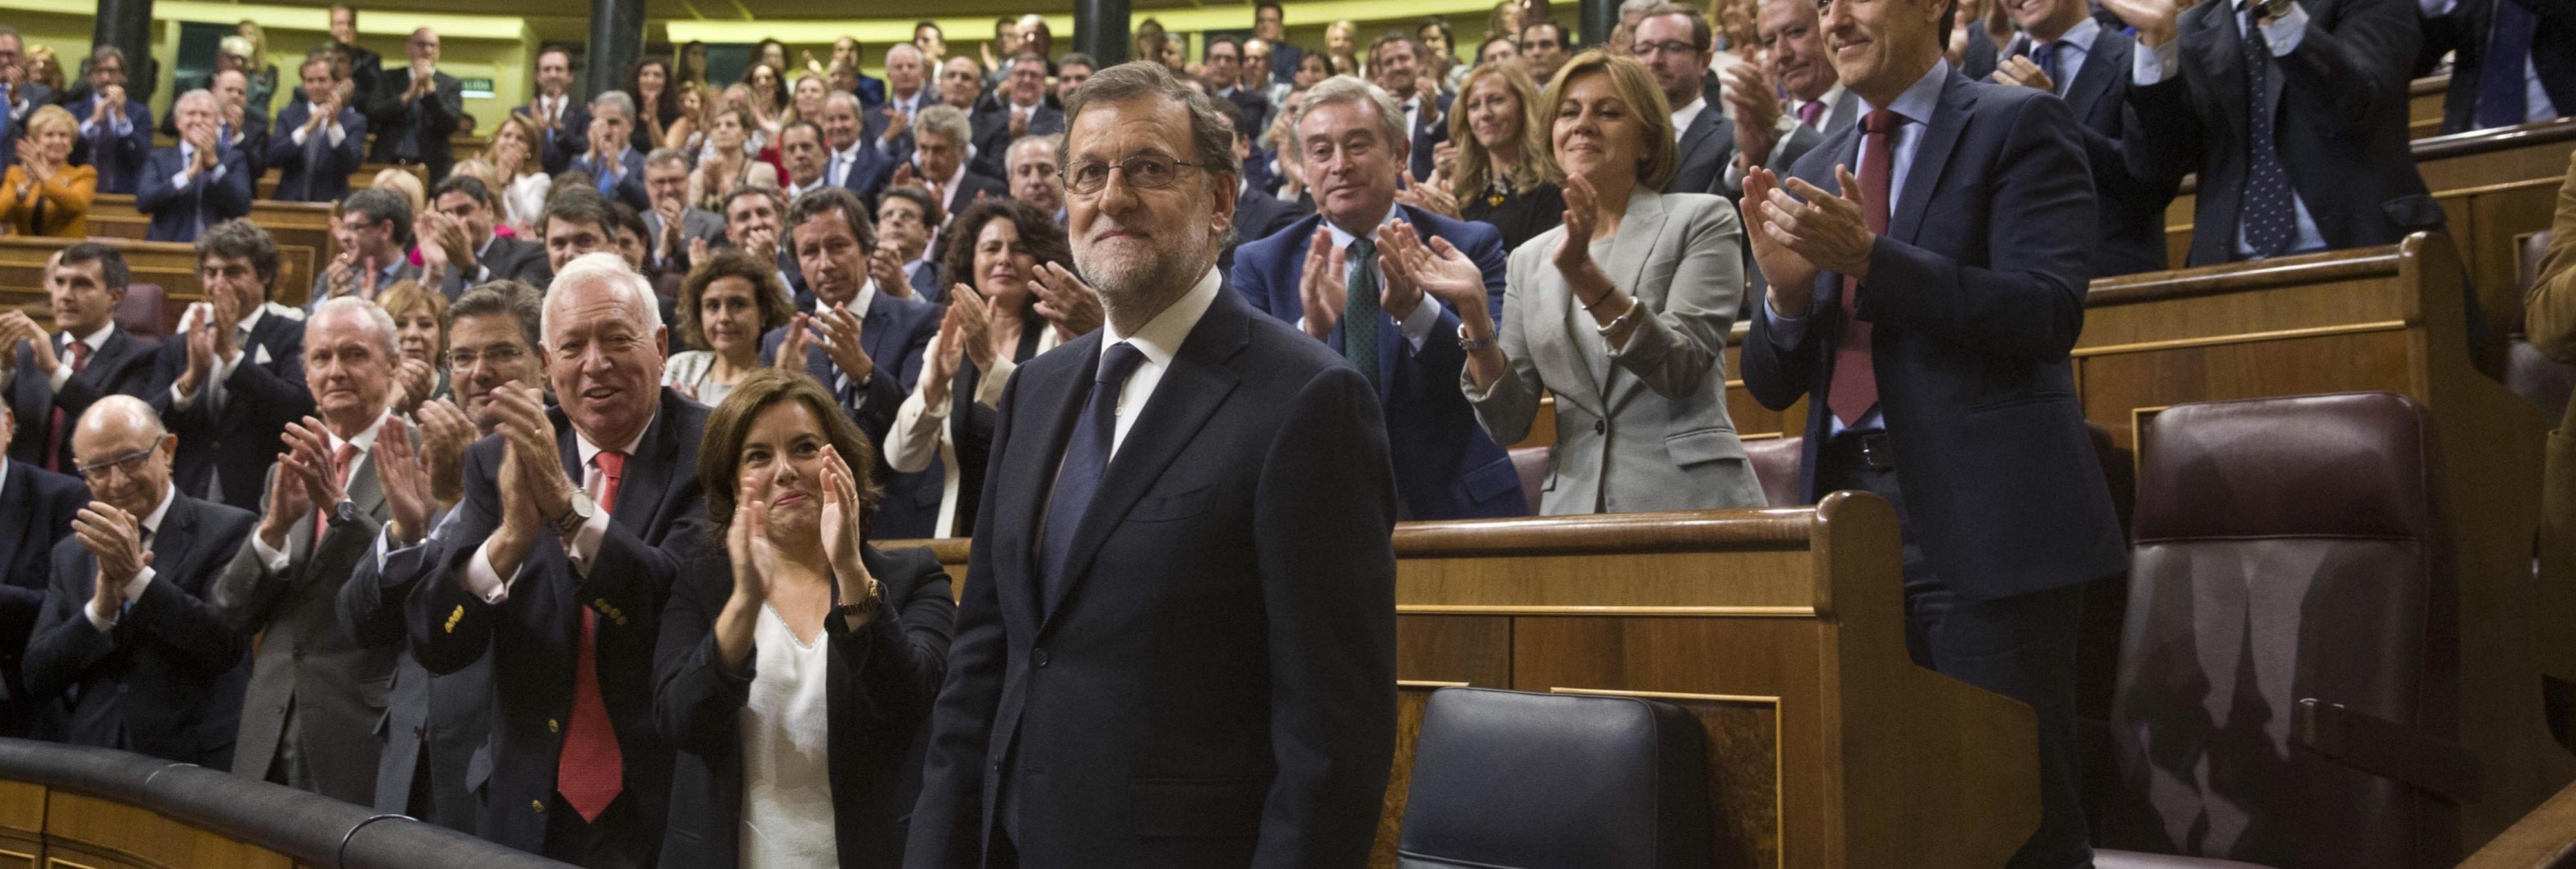 Mariano Rajoy encara nueva legislatura